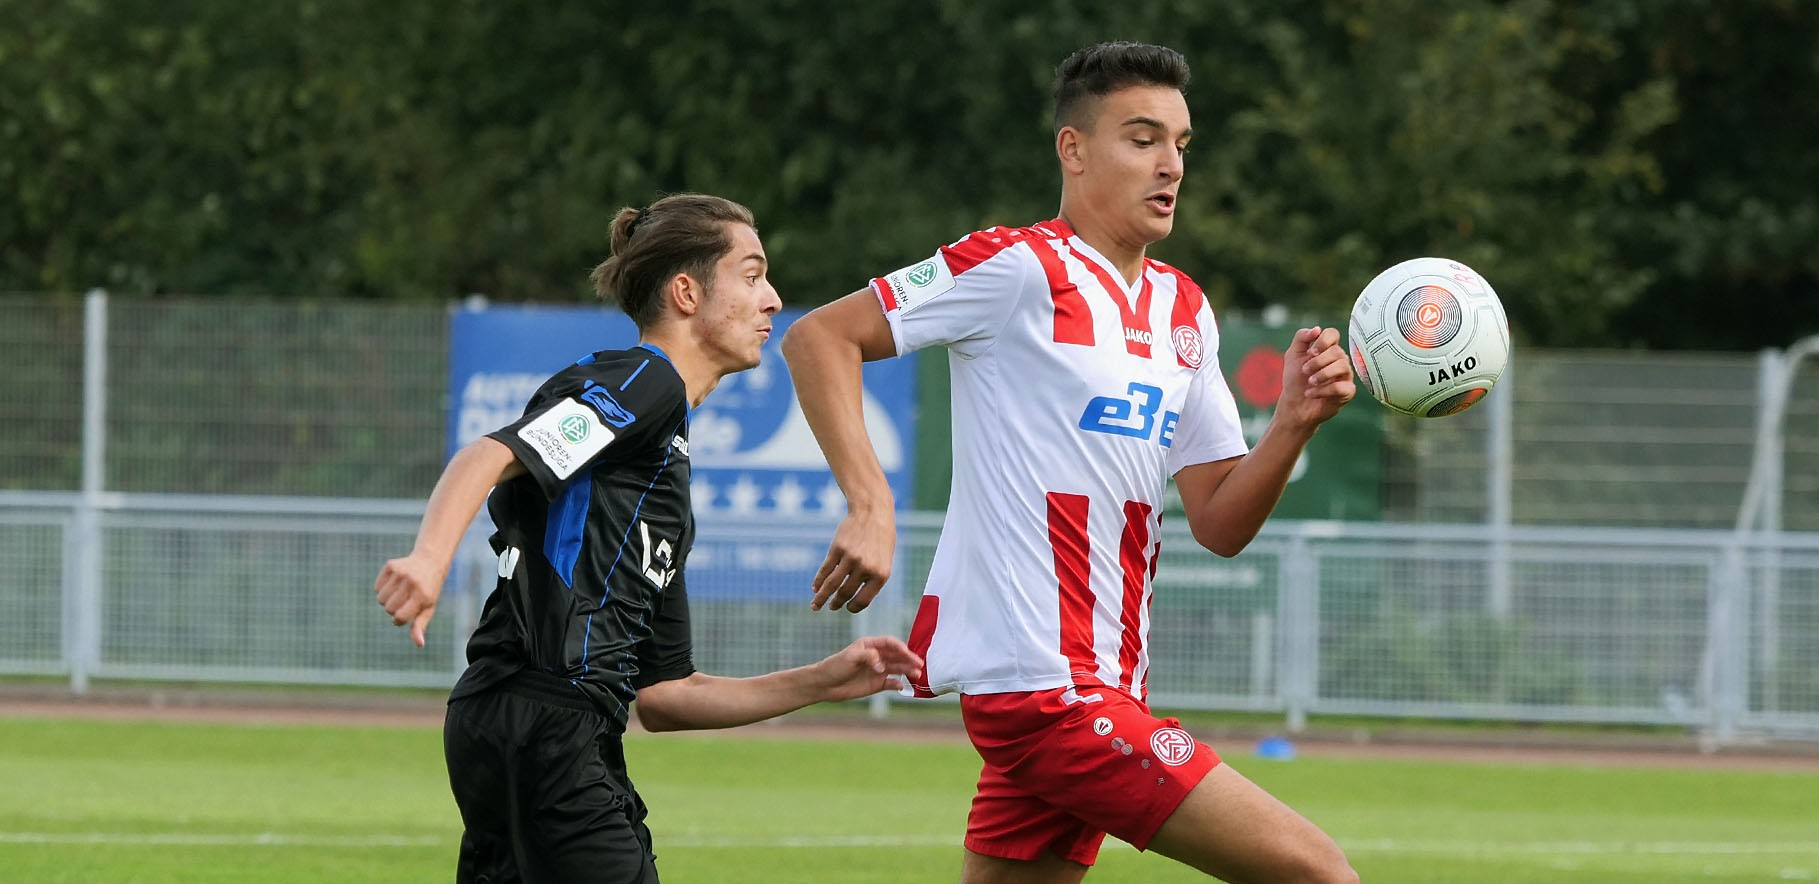 Am Wochenende empfängt die U17 den FC Hennef 05. (Foto: Gohl)